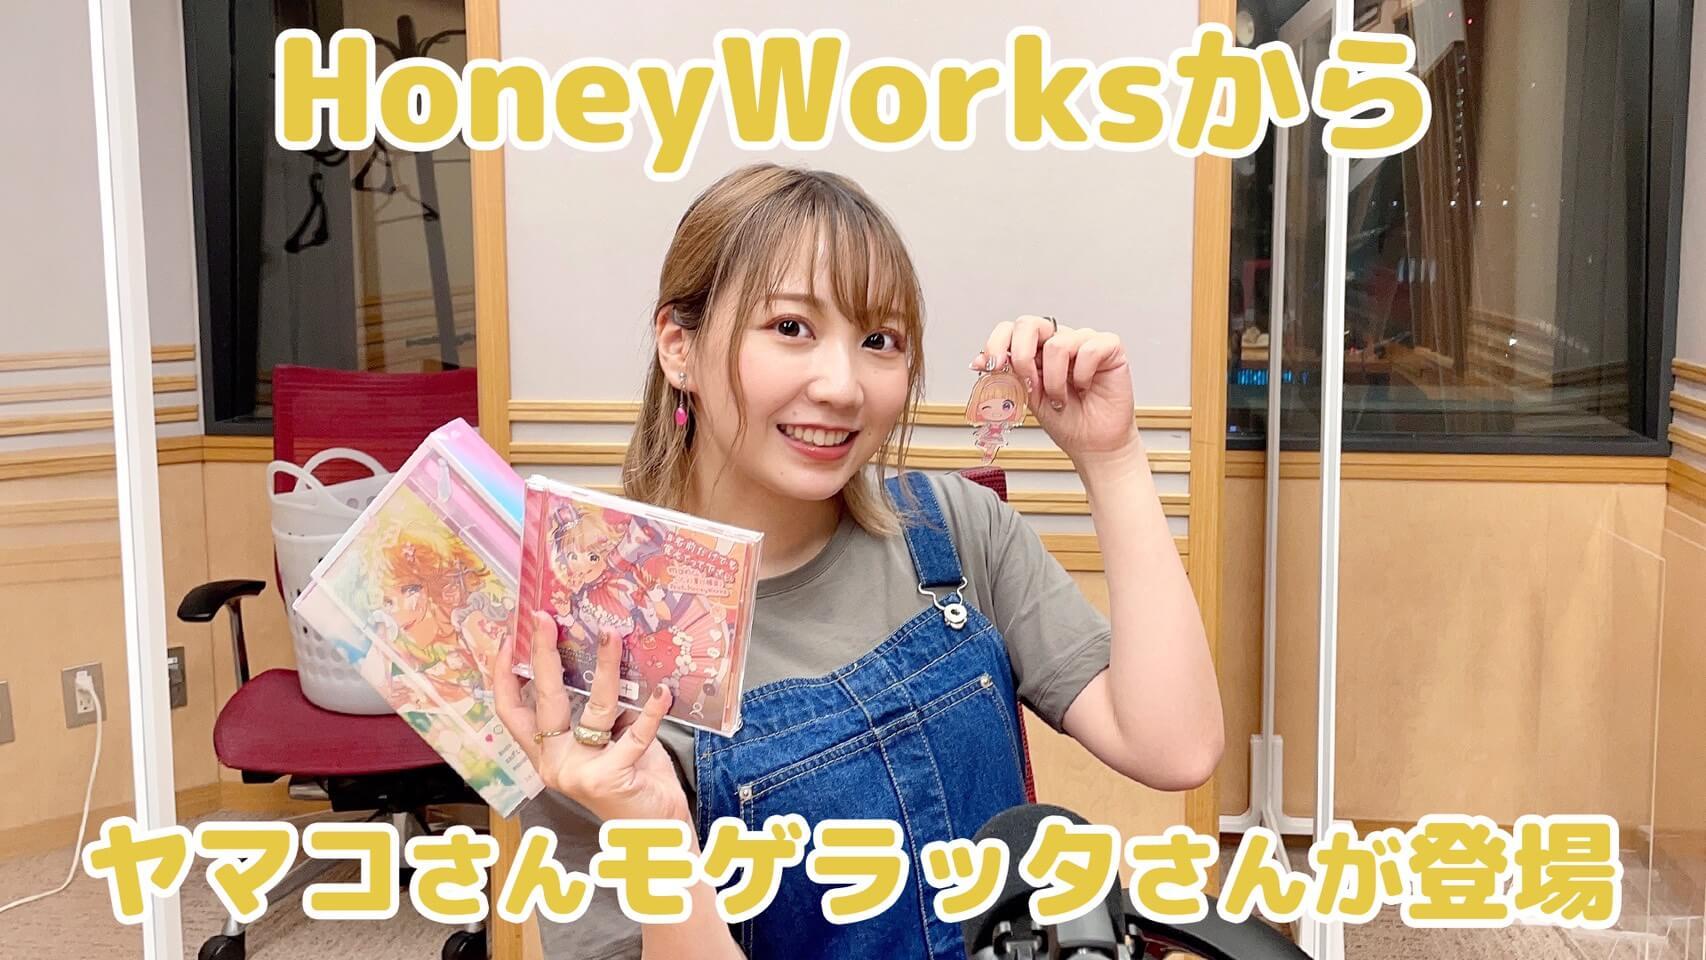 HoneyWorksからヤマコさん、モゲラッタさんが登場!